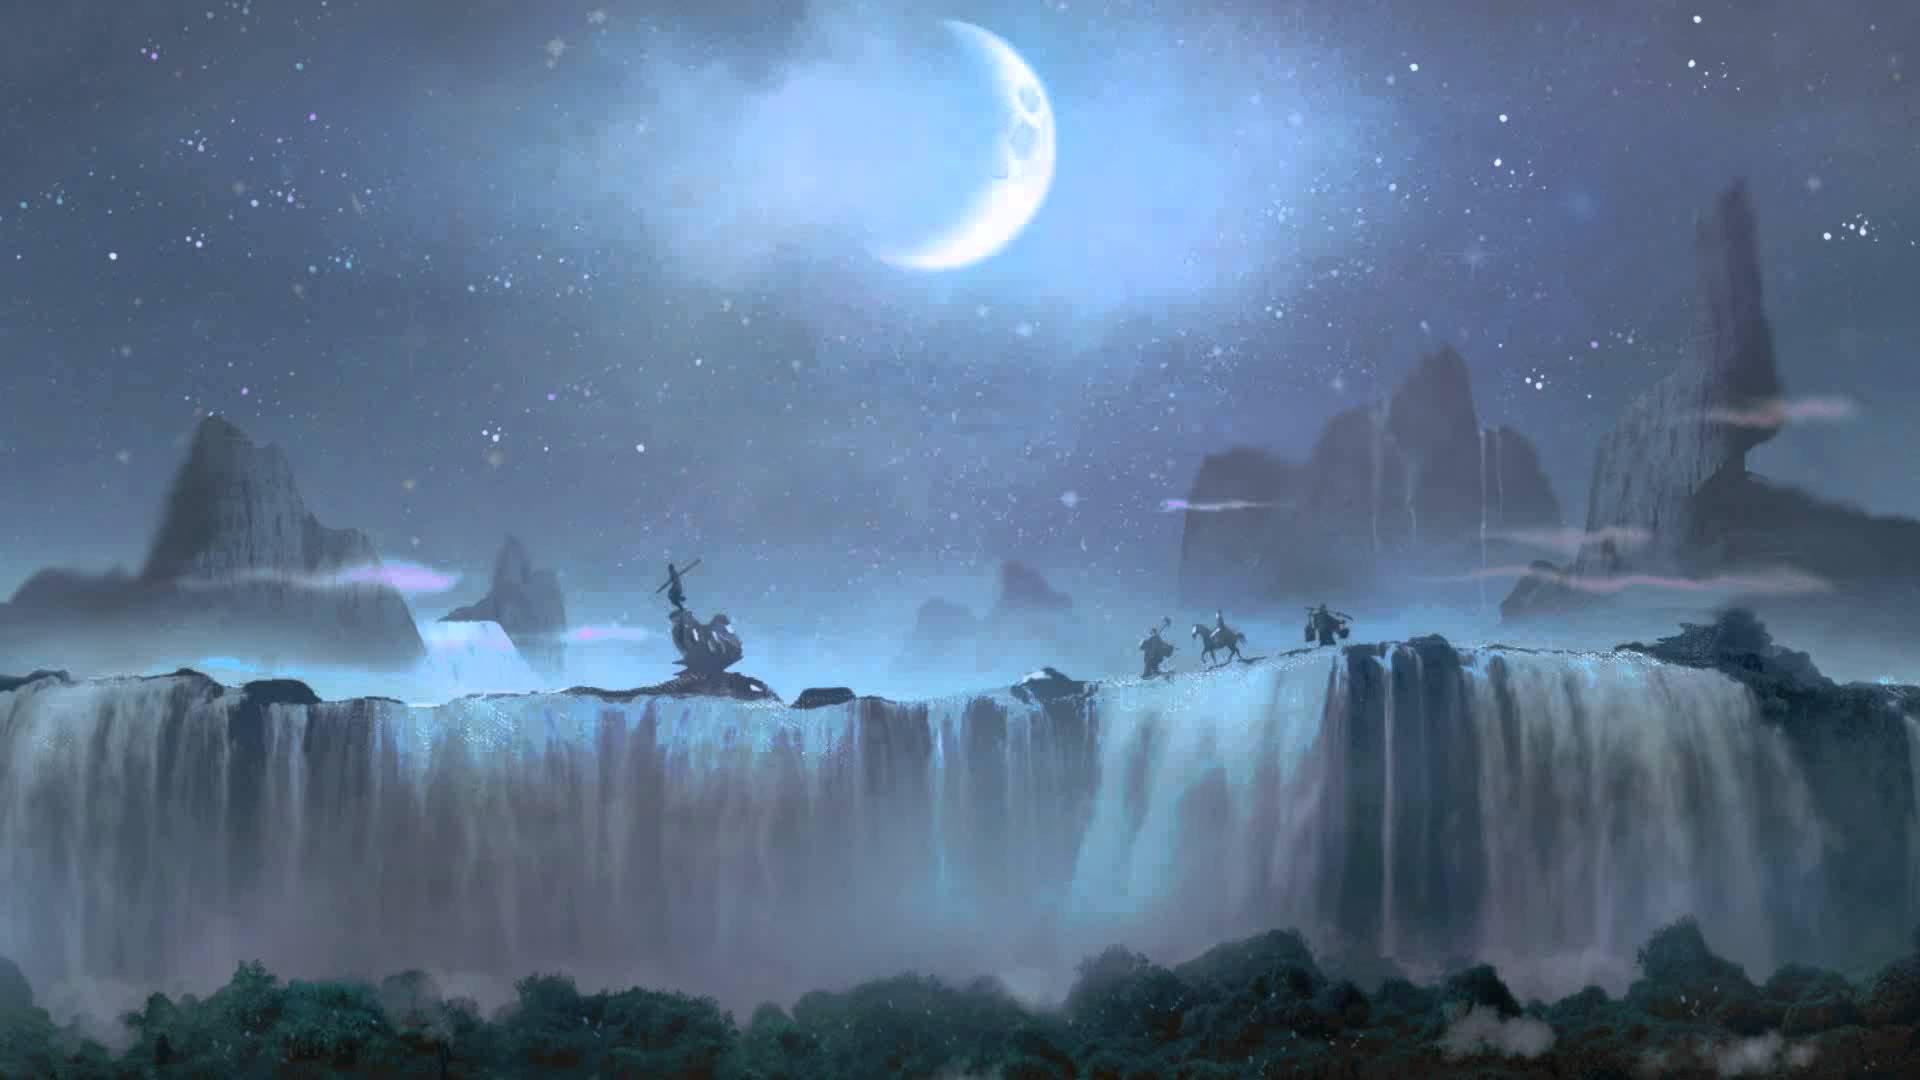 Princess Mononoke Wallpapers High Quality